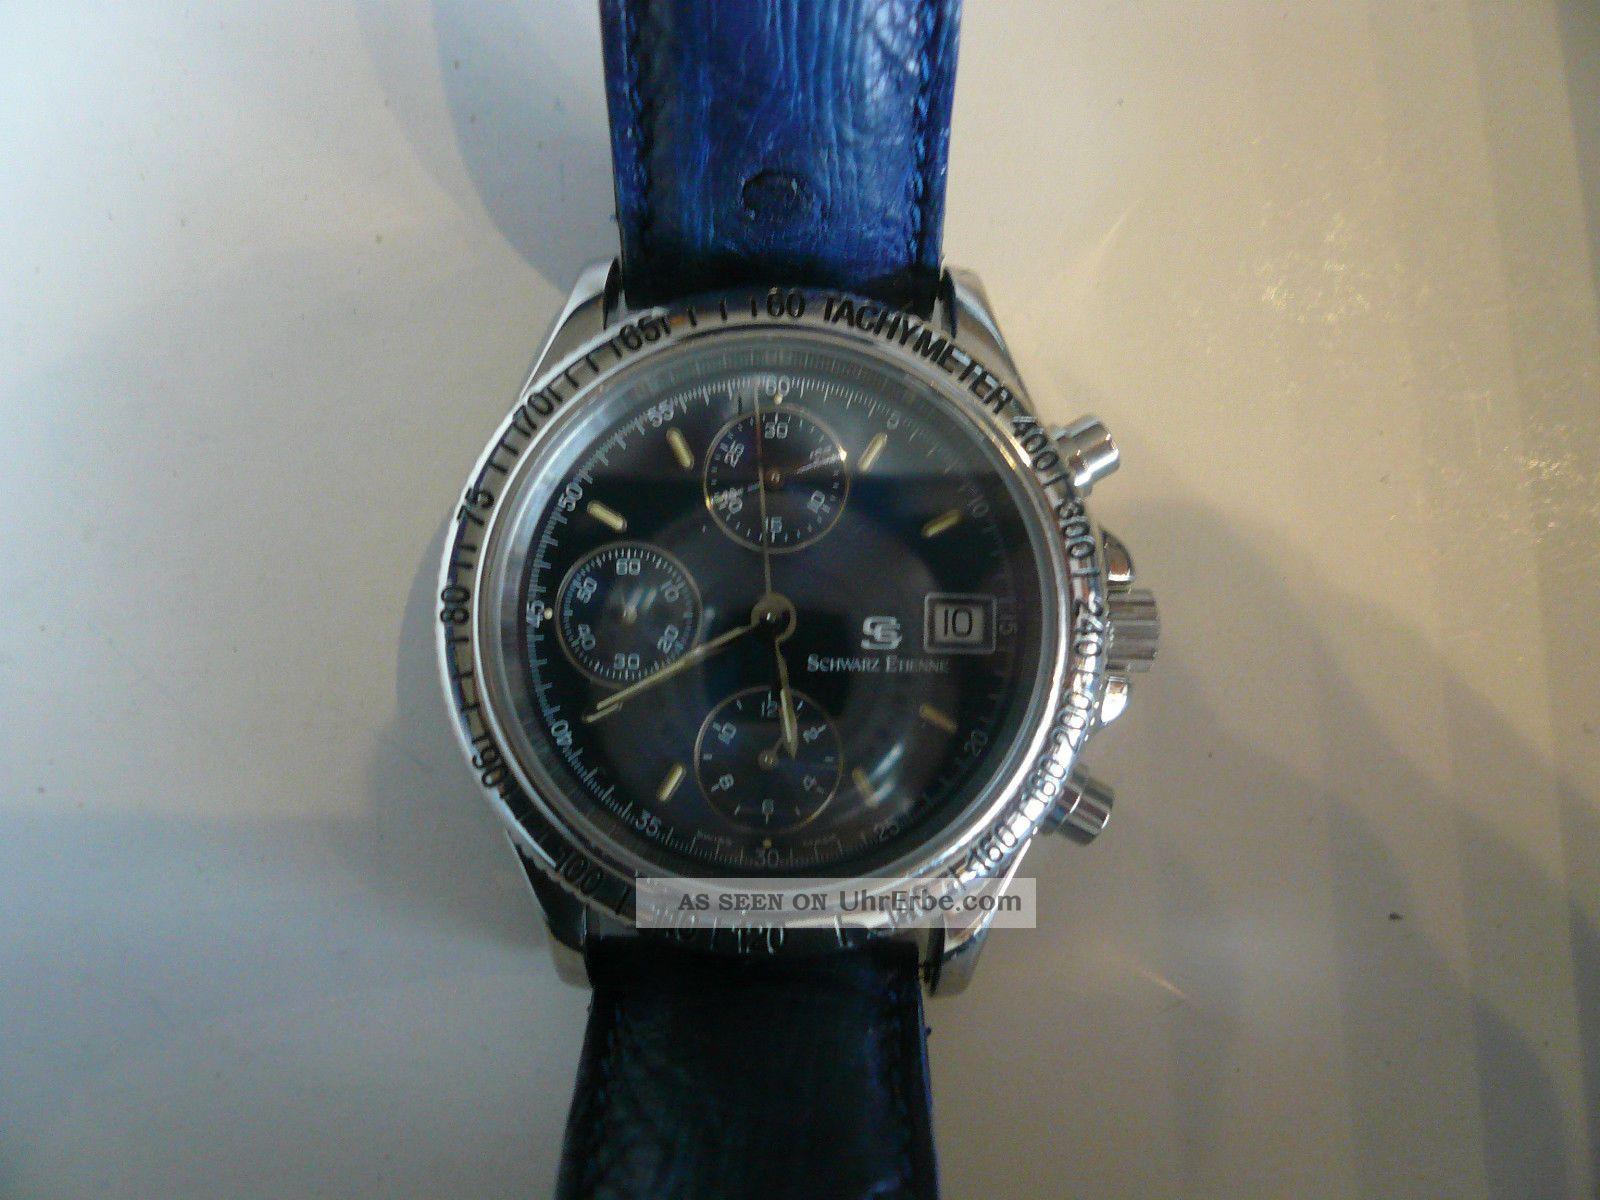 Hau Chronograph V.  Schwarz Etienne M.  Valjoux - Werk 7750 Armbanduhren Bild